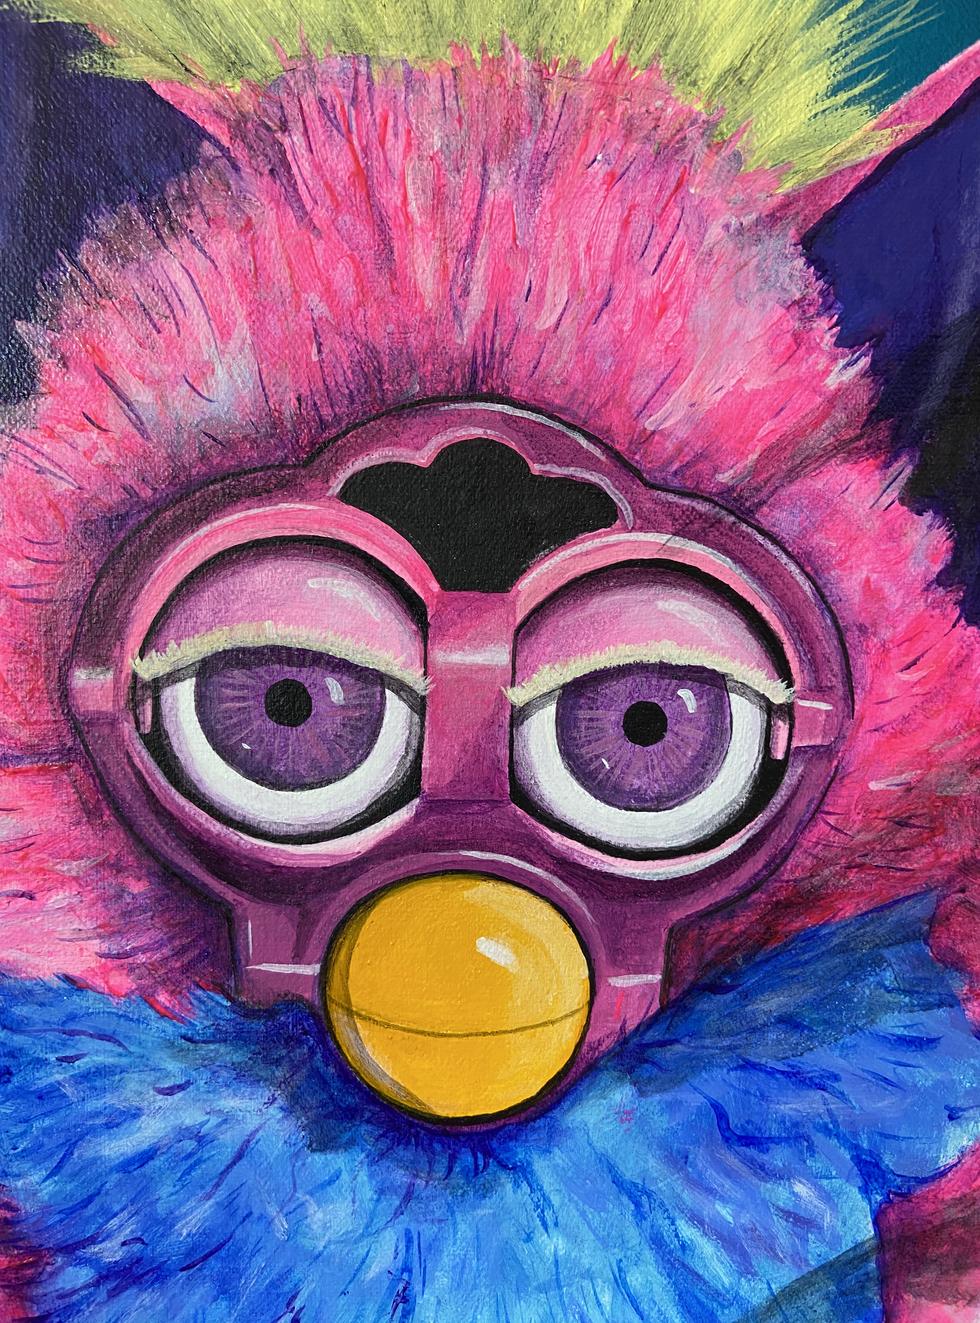 A$AP Furb